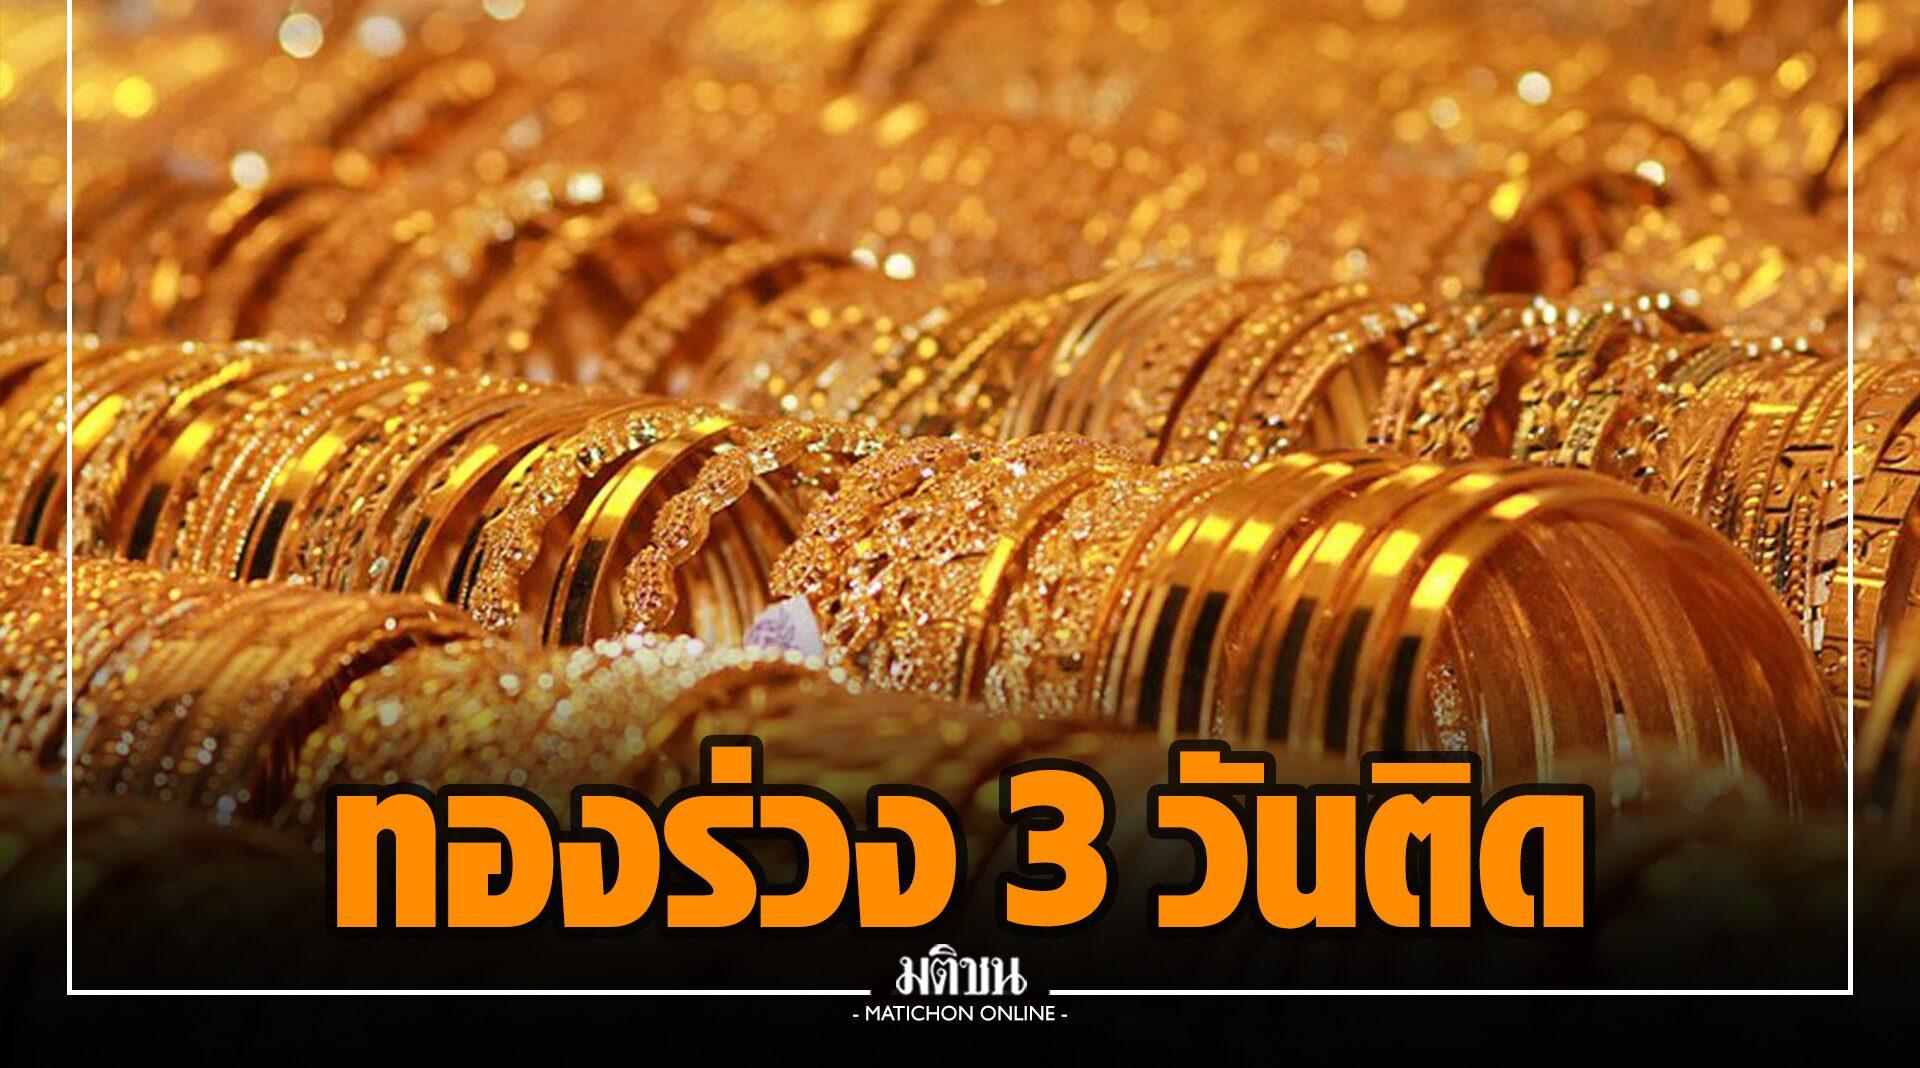 ทองคำไทยร่วง 3 วันติด รวมกว่า 550 บาท ราคาแกว่งตัวแคบรอผลประชุมธนาคารกลางสหรัฐ